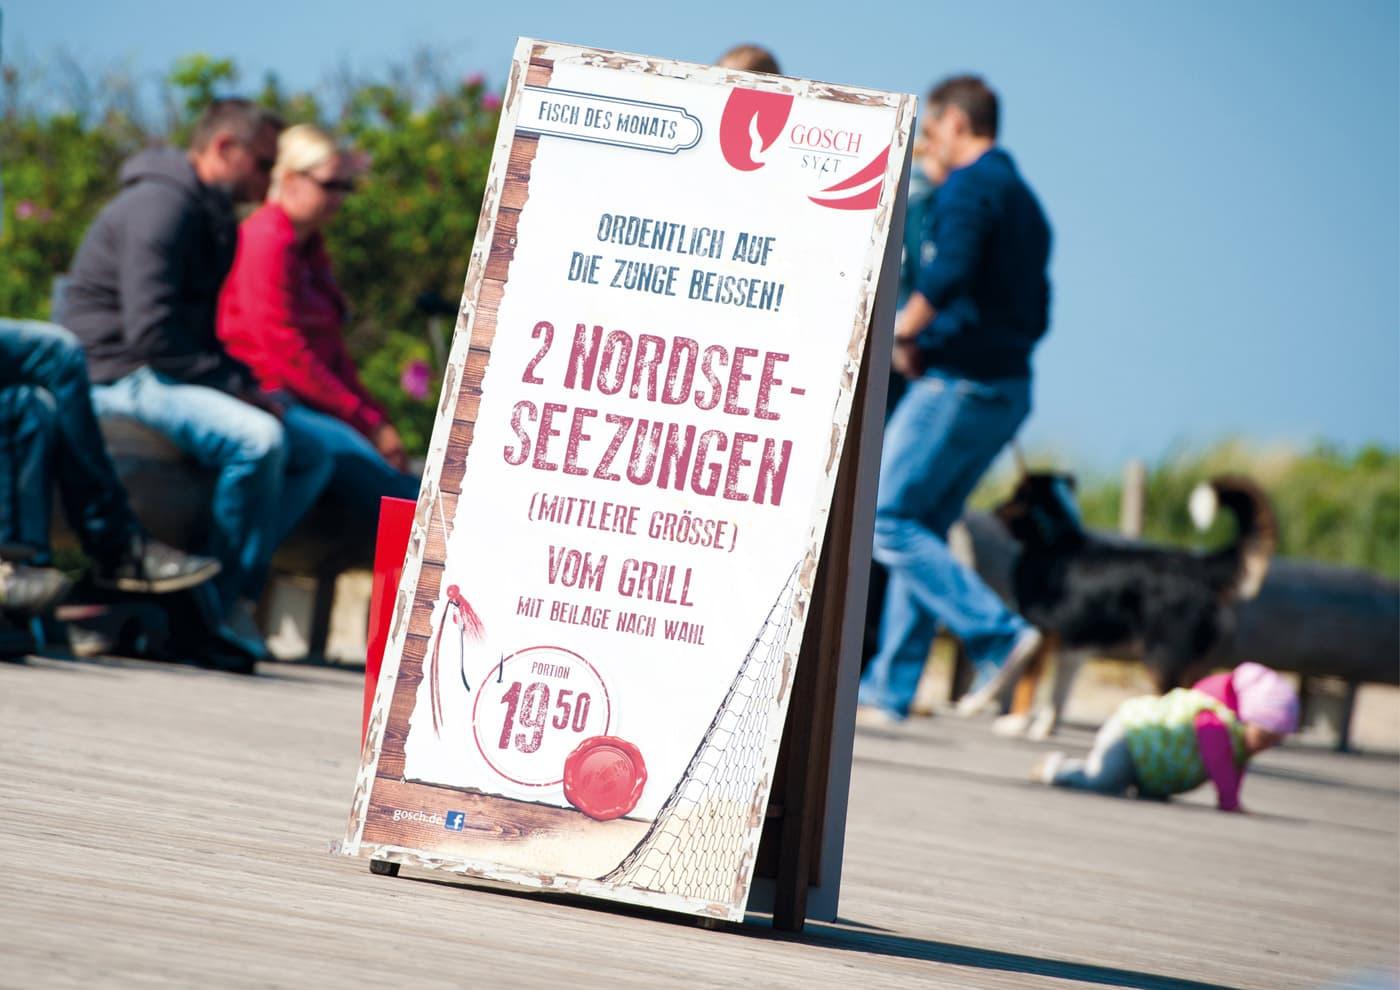 """CD-Entwicklung und Markenführung für """"GOSCH Sylt"""": Plakative Aufsteller für aktuelle Angebote und Events"""